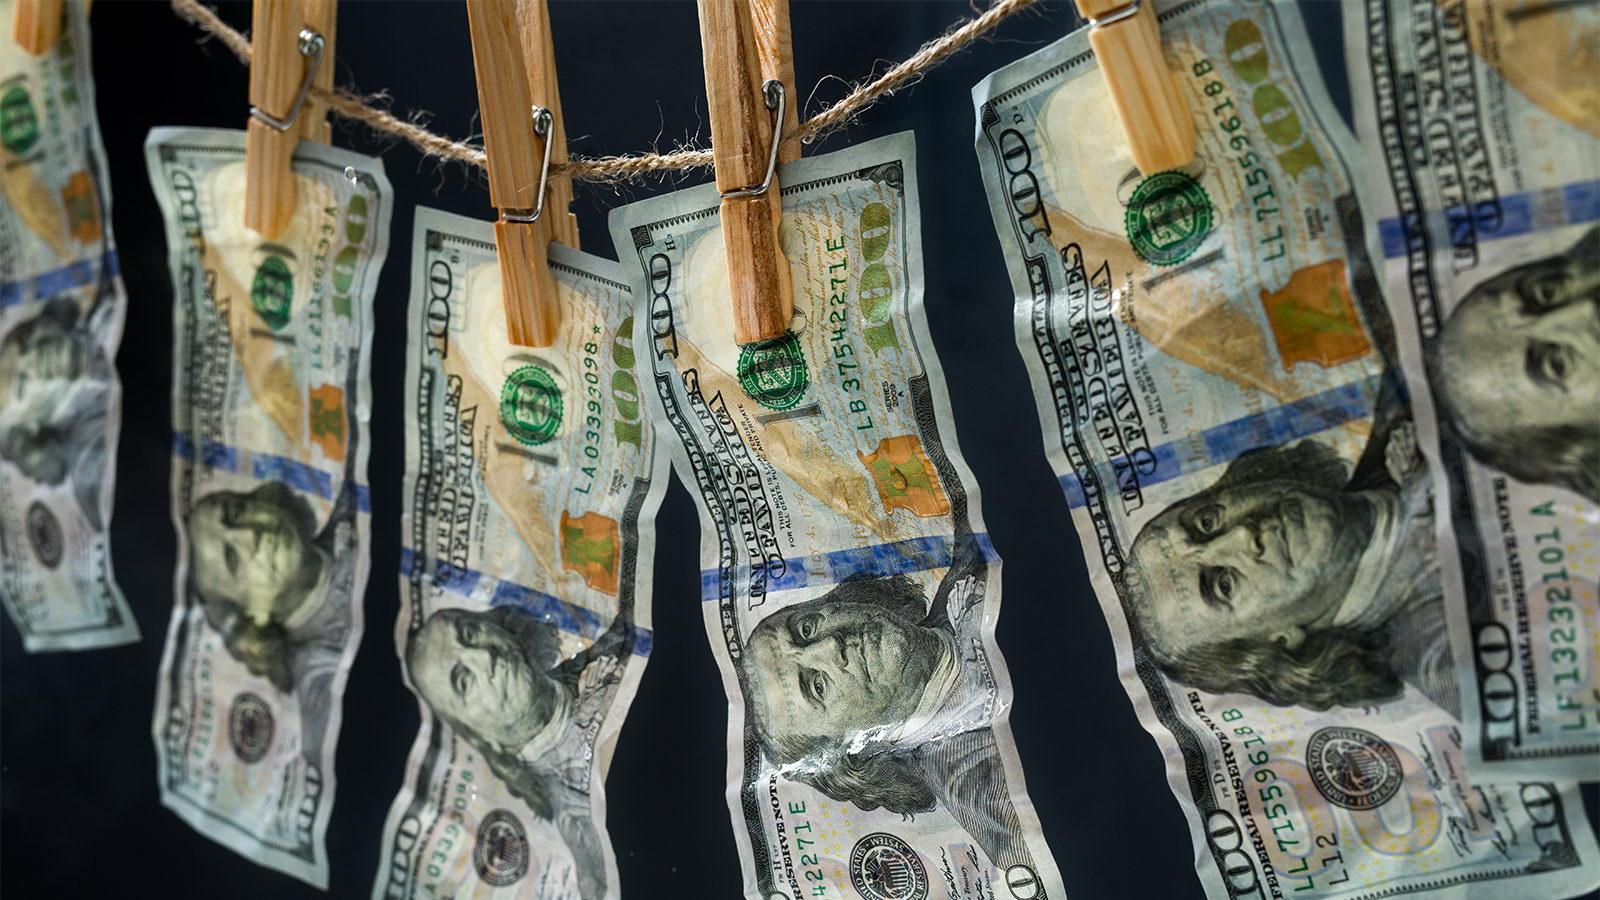 В 2020 году количество попыток отмывания денег возросло в четыре раза